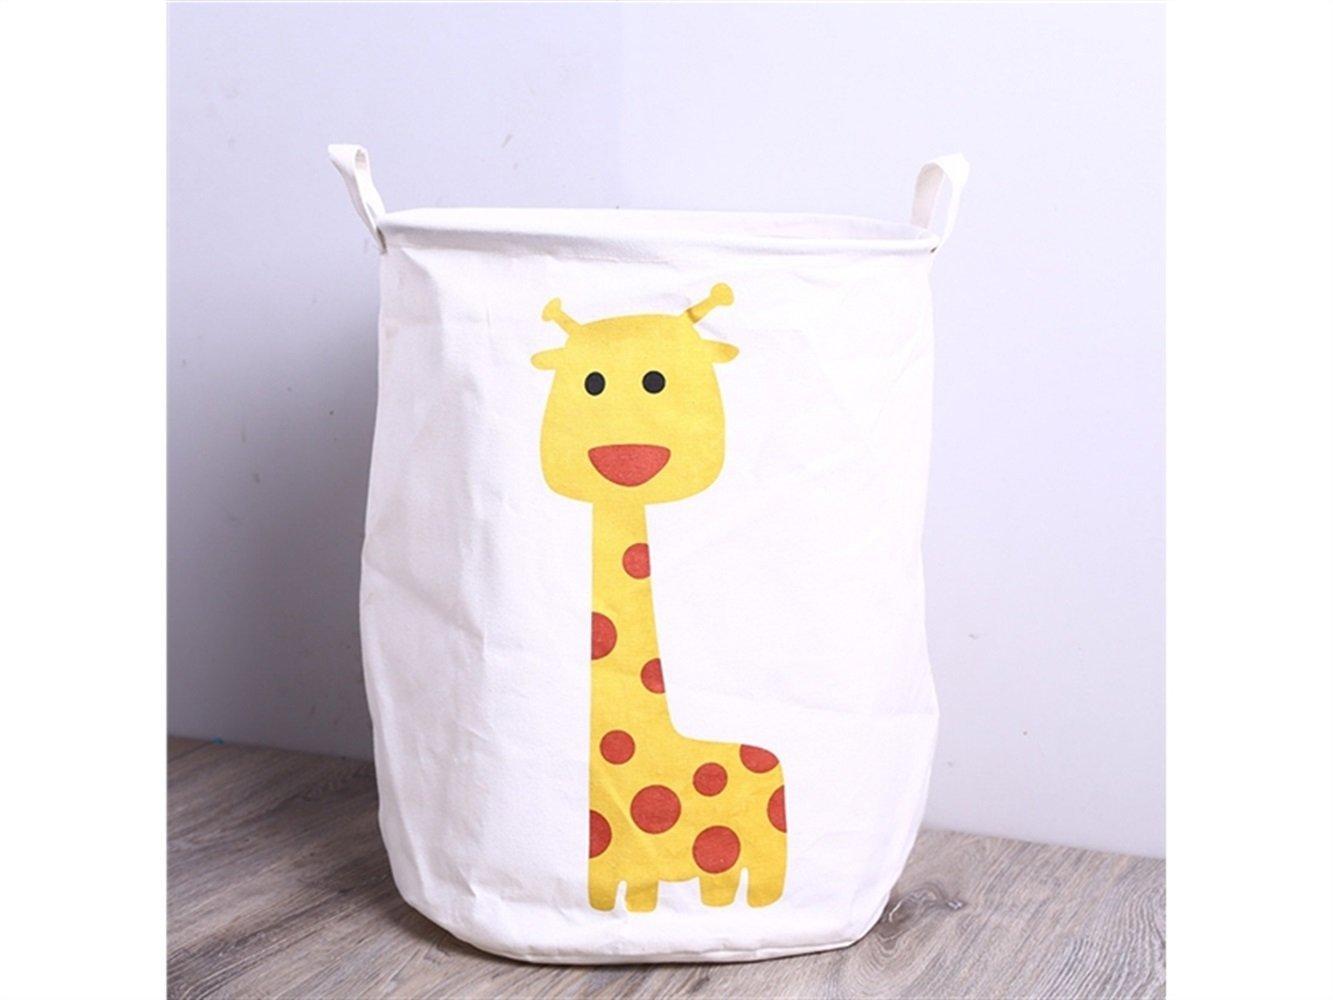 Gelaiken Lightweight Giraffe Pattern Storage Bucket Cotton and Linen Bucket Cloth Storage Bucket Sundries Storage Laundry Bucket(White)